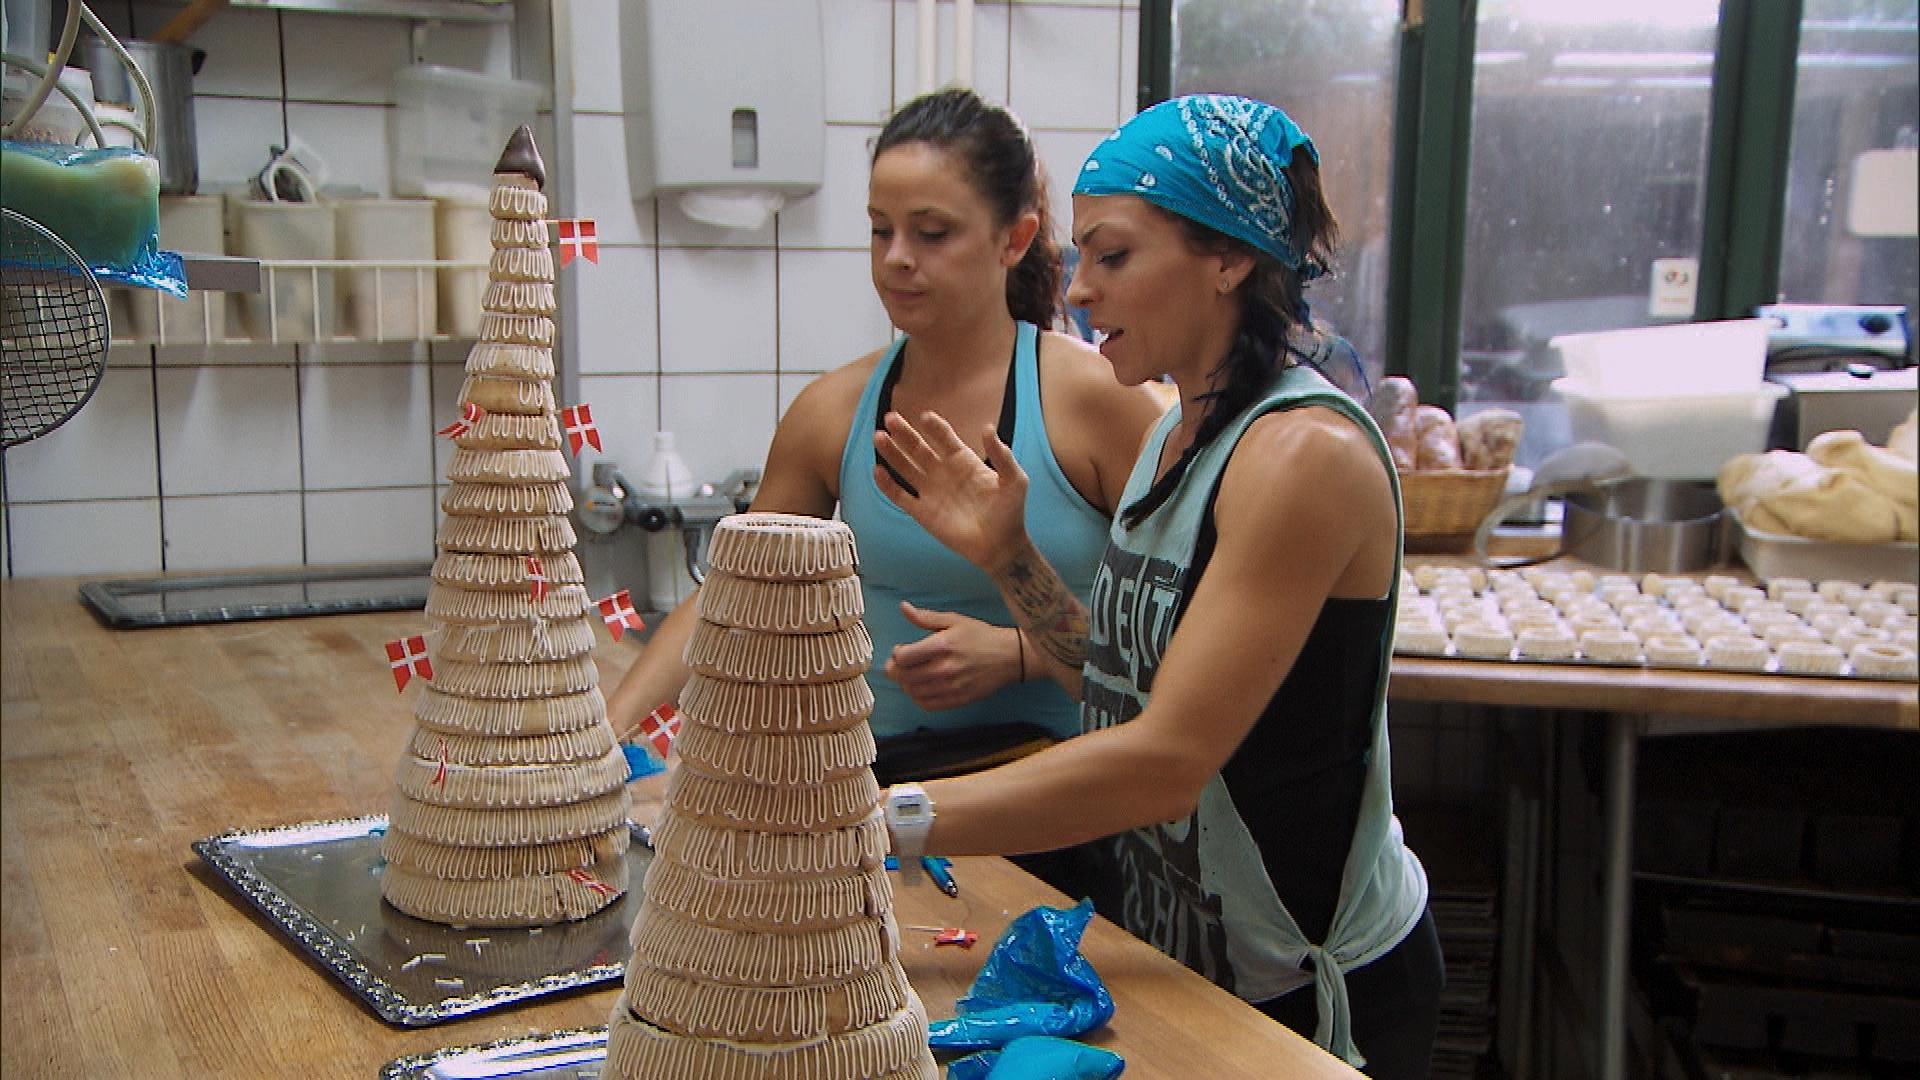 Building a wedding cake